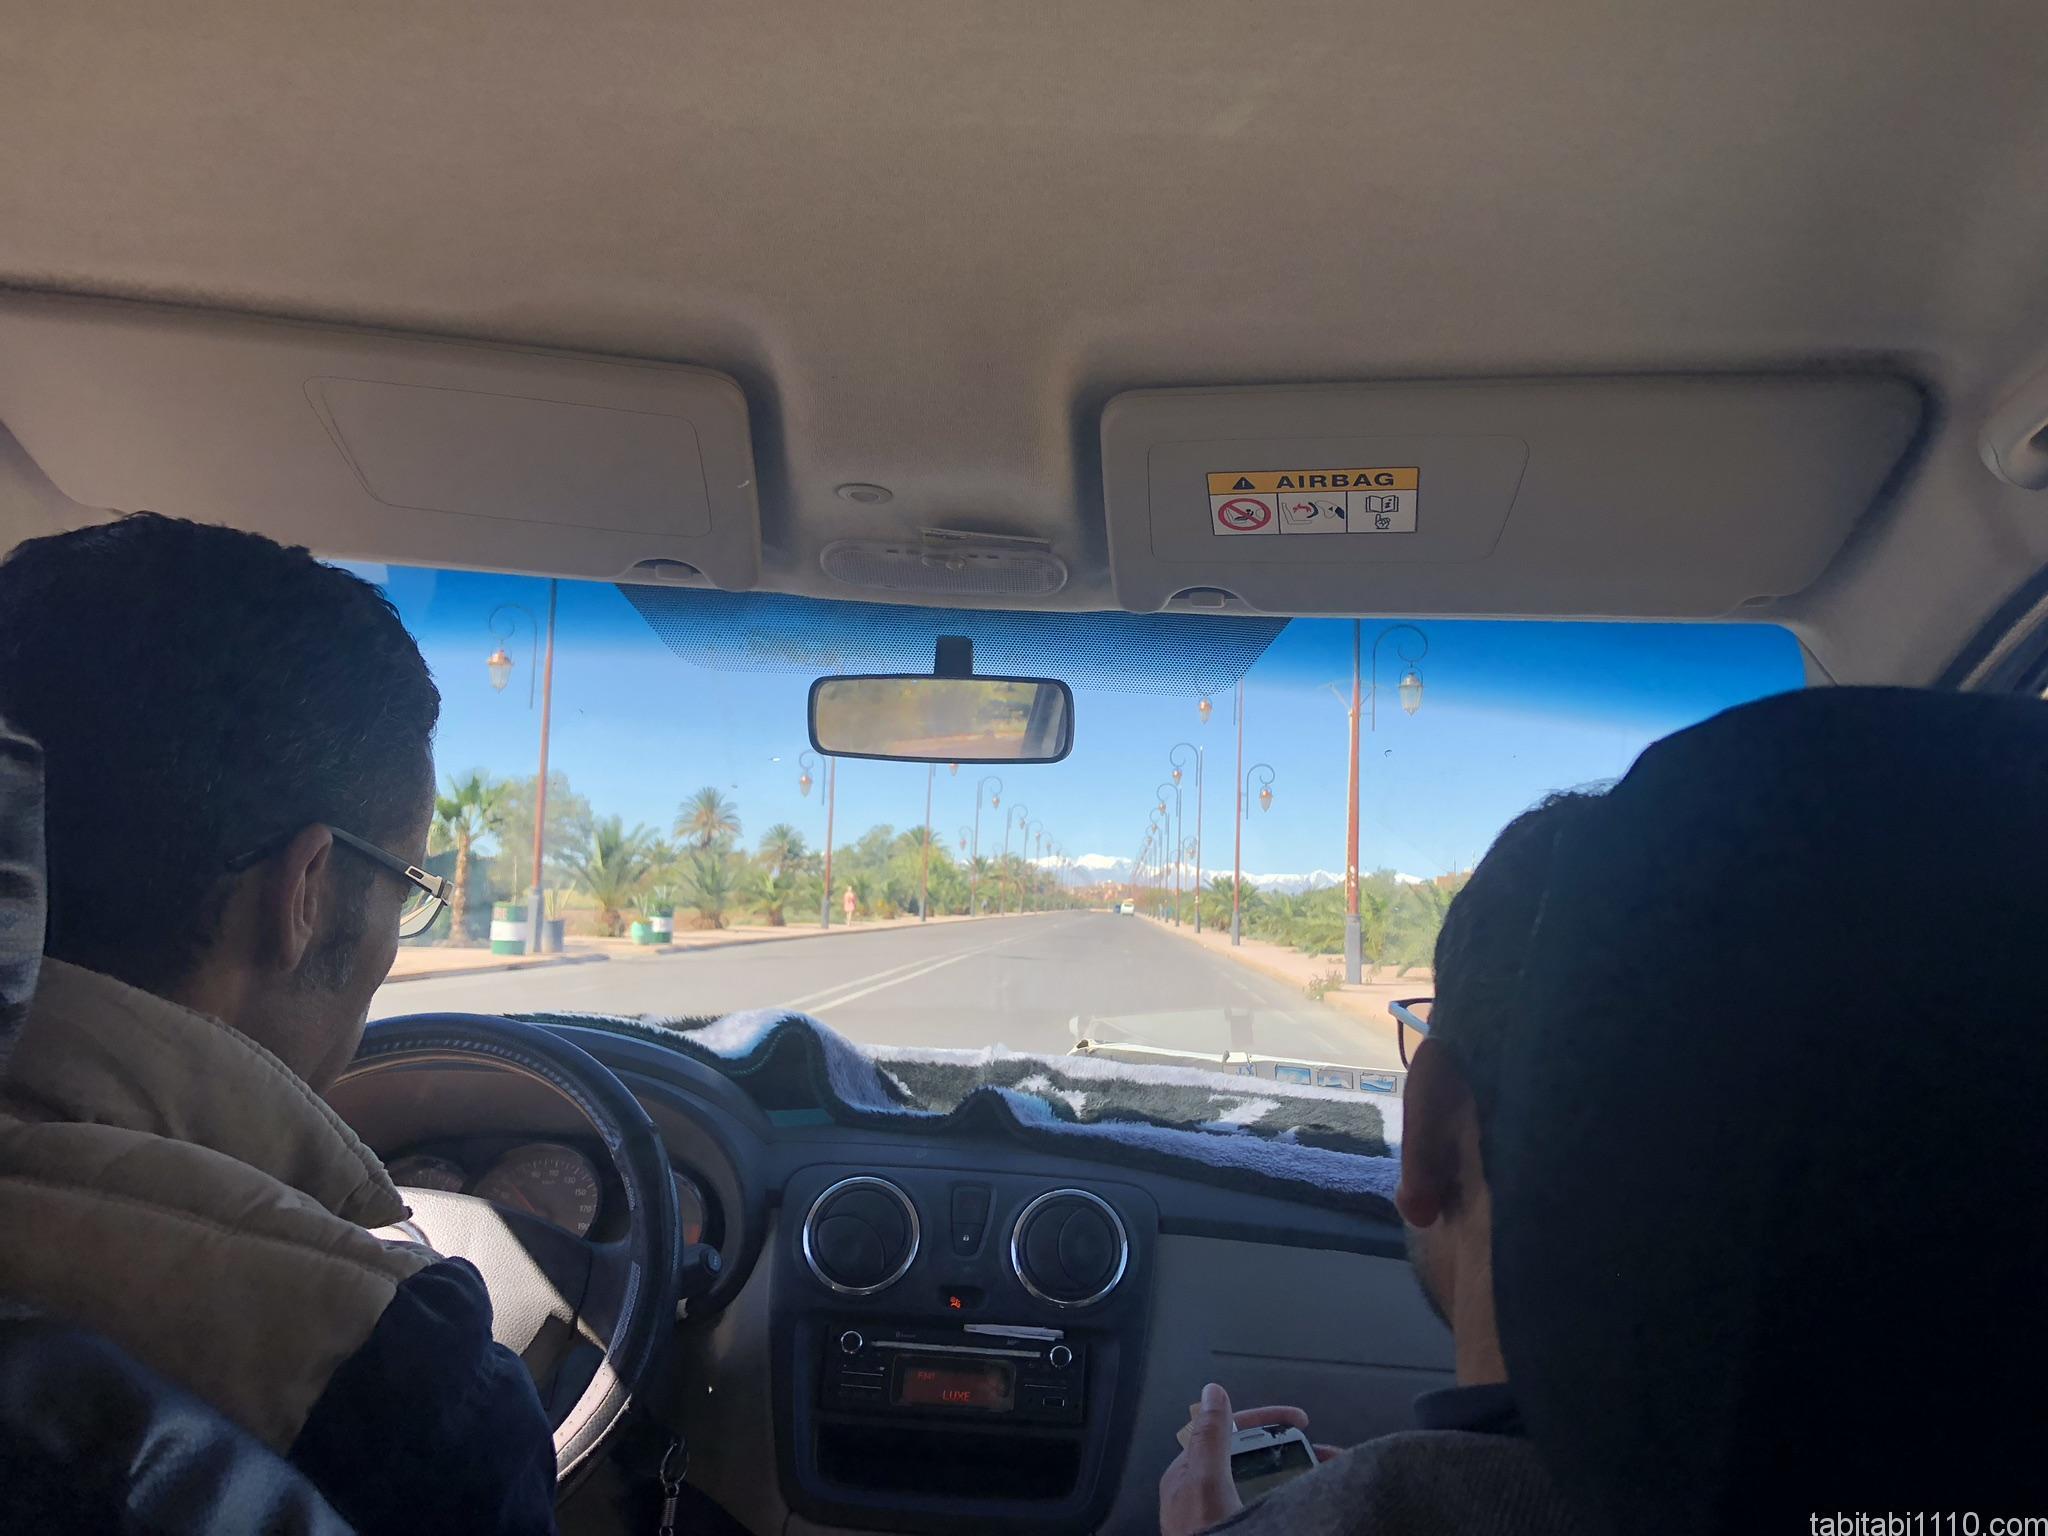 アイットベンハドゥ行きのタクシー